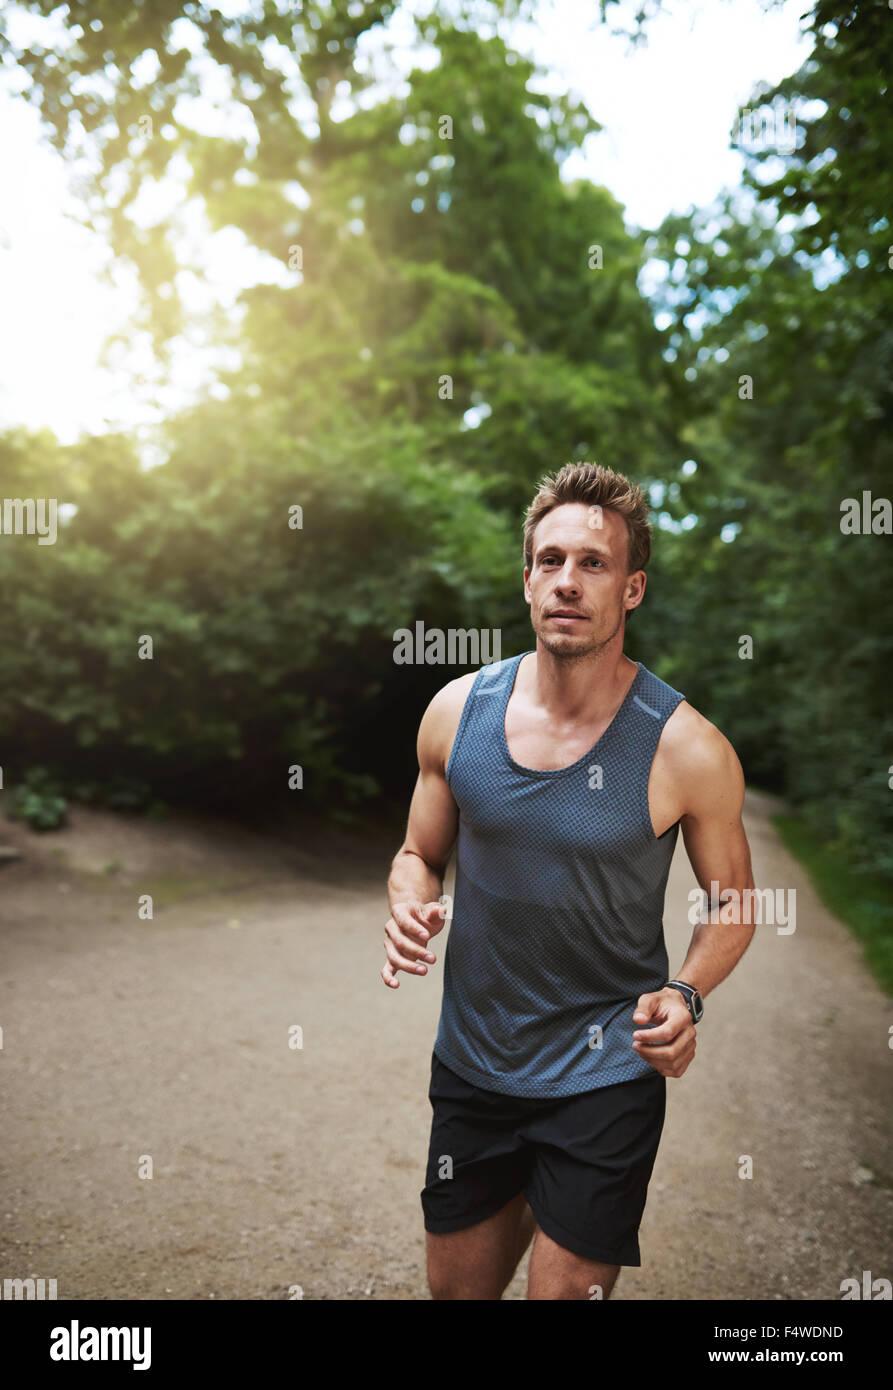 Mâle athlétique jogger qui traverse un parc boisé vers la caméra avec un regard de concentration Photo Stock